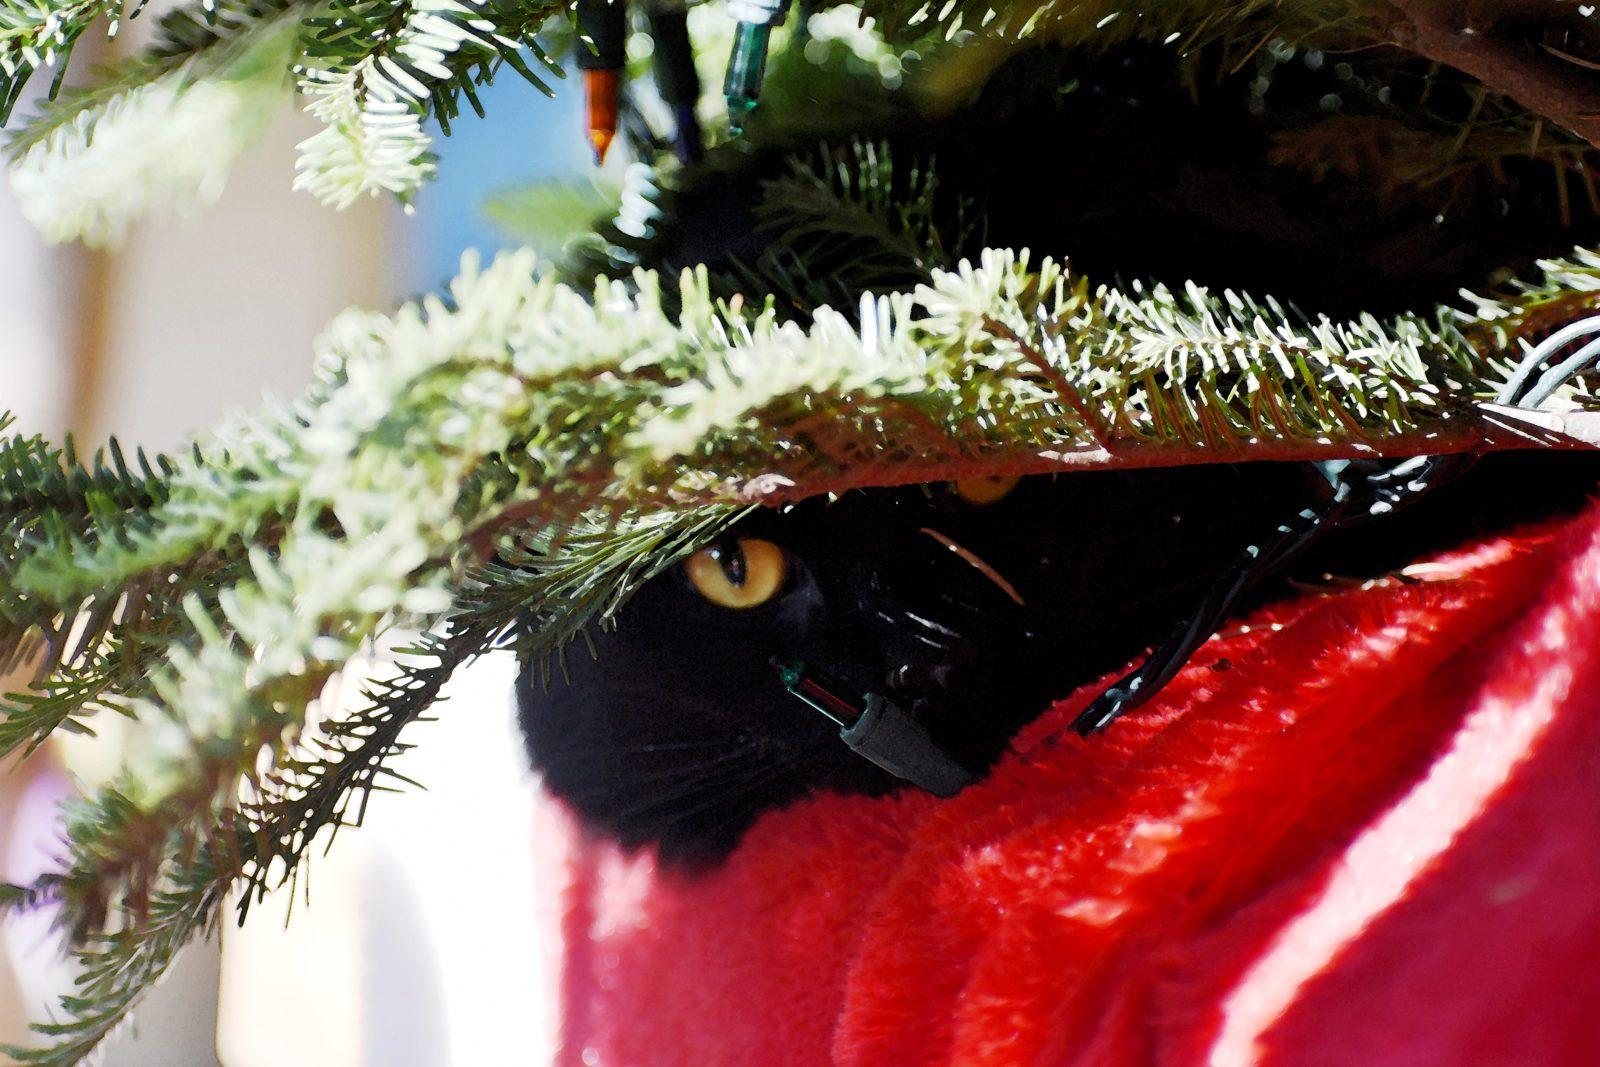 Cat Night Sky Versus The Christmas Tree